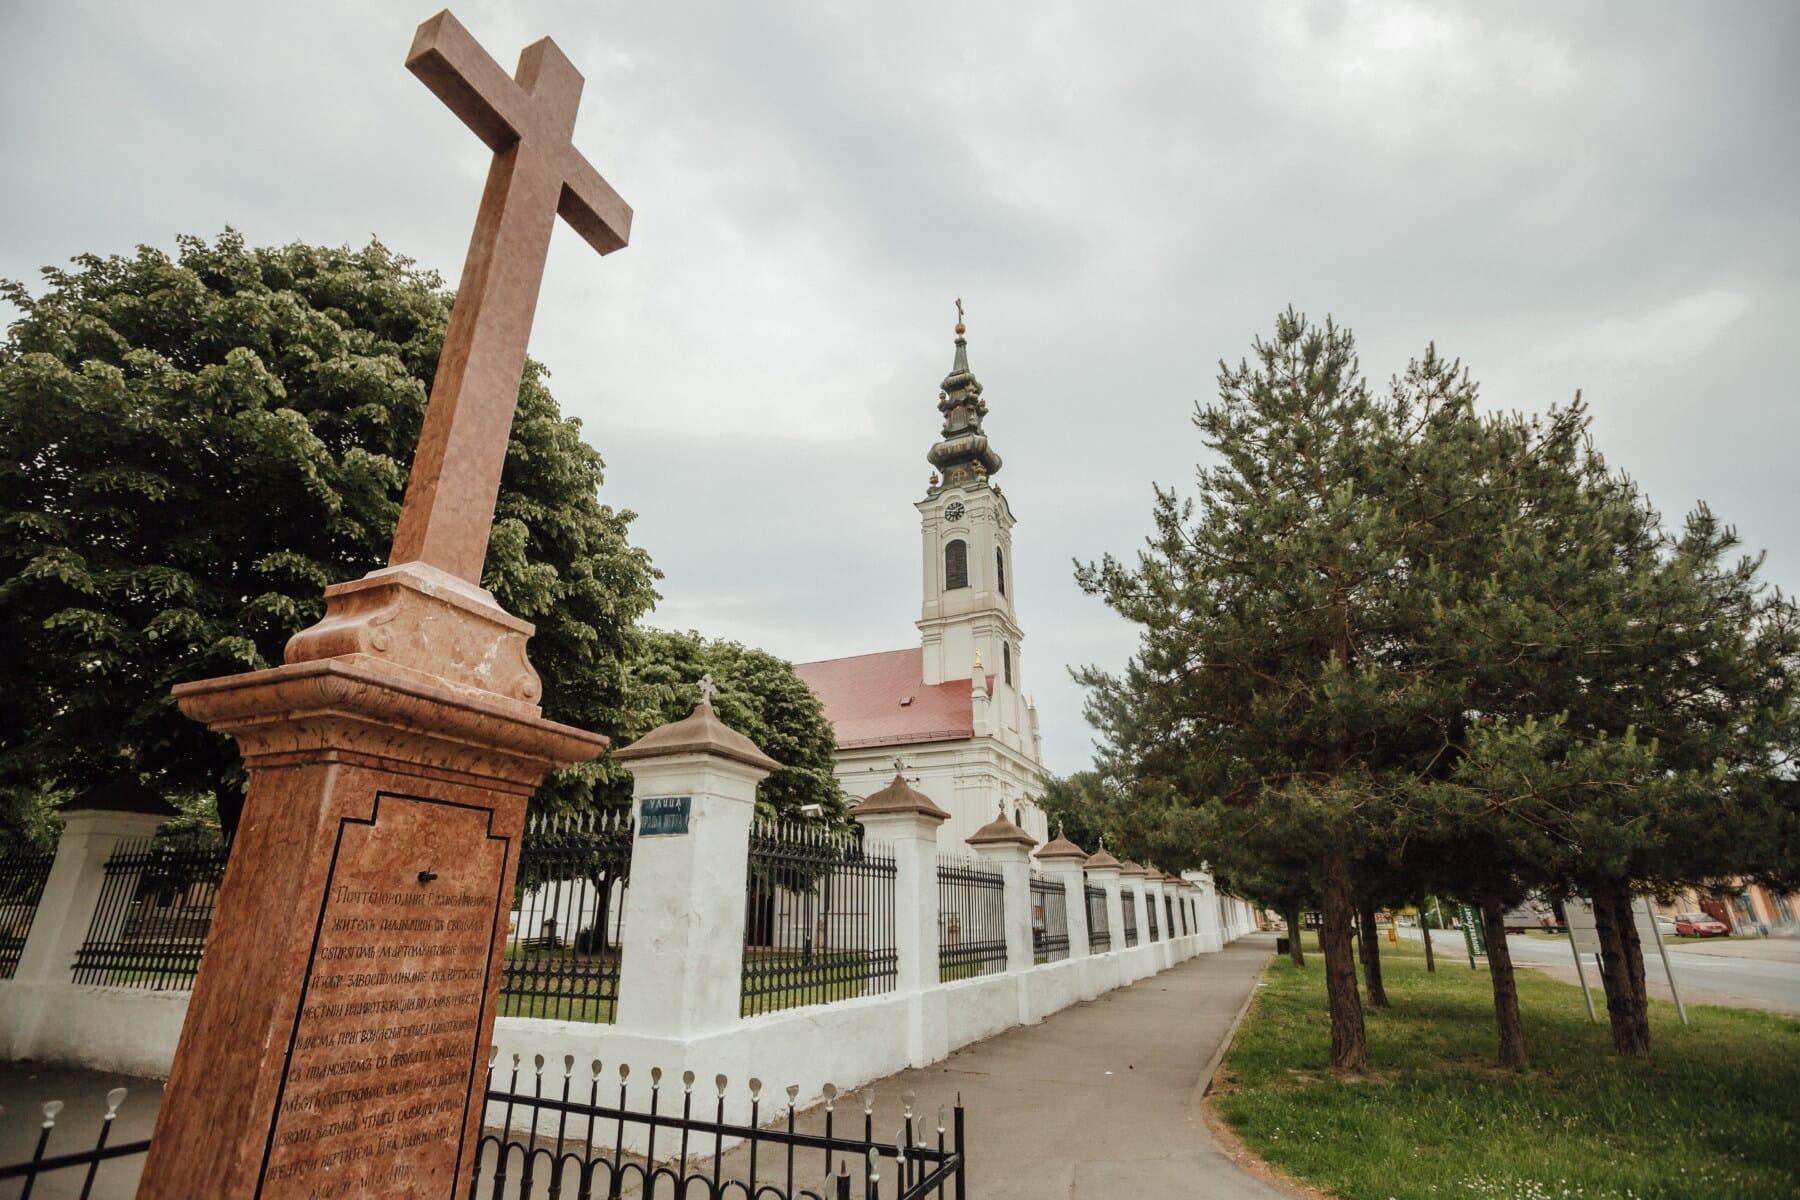 Bačka Palanka, mramor, spomen, križ, crkva, ulica, crkveni toranj, zgrada, arhitektura, toranj, groblje